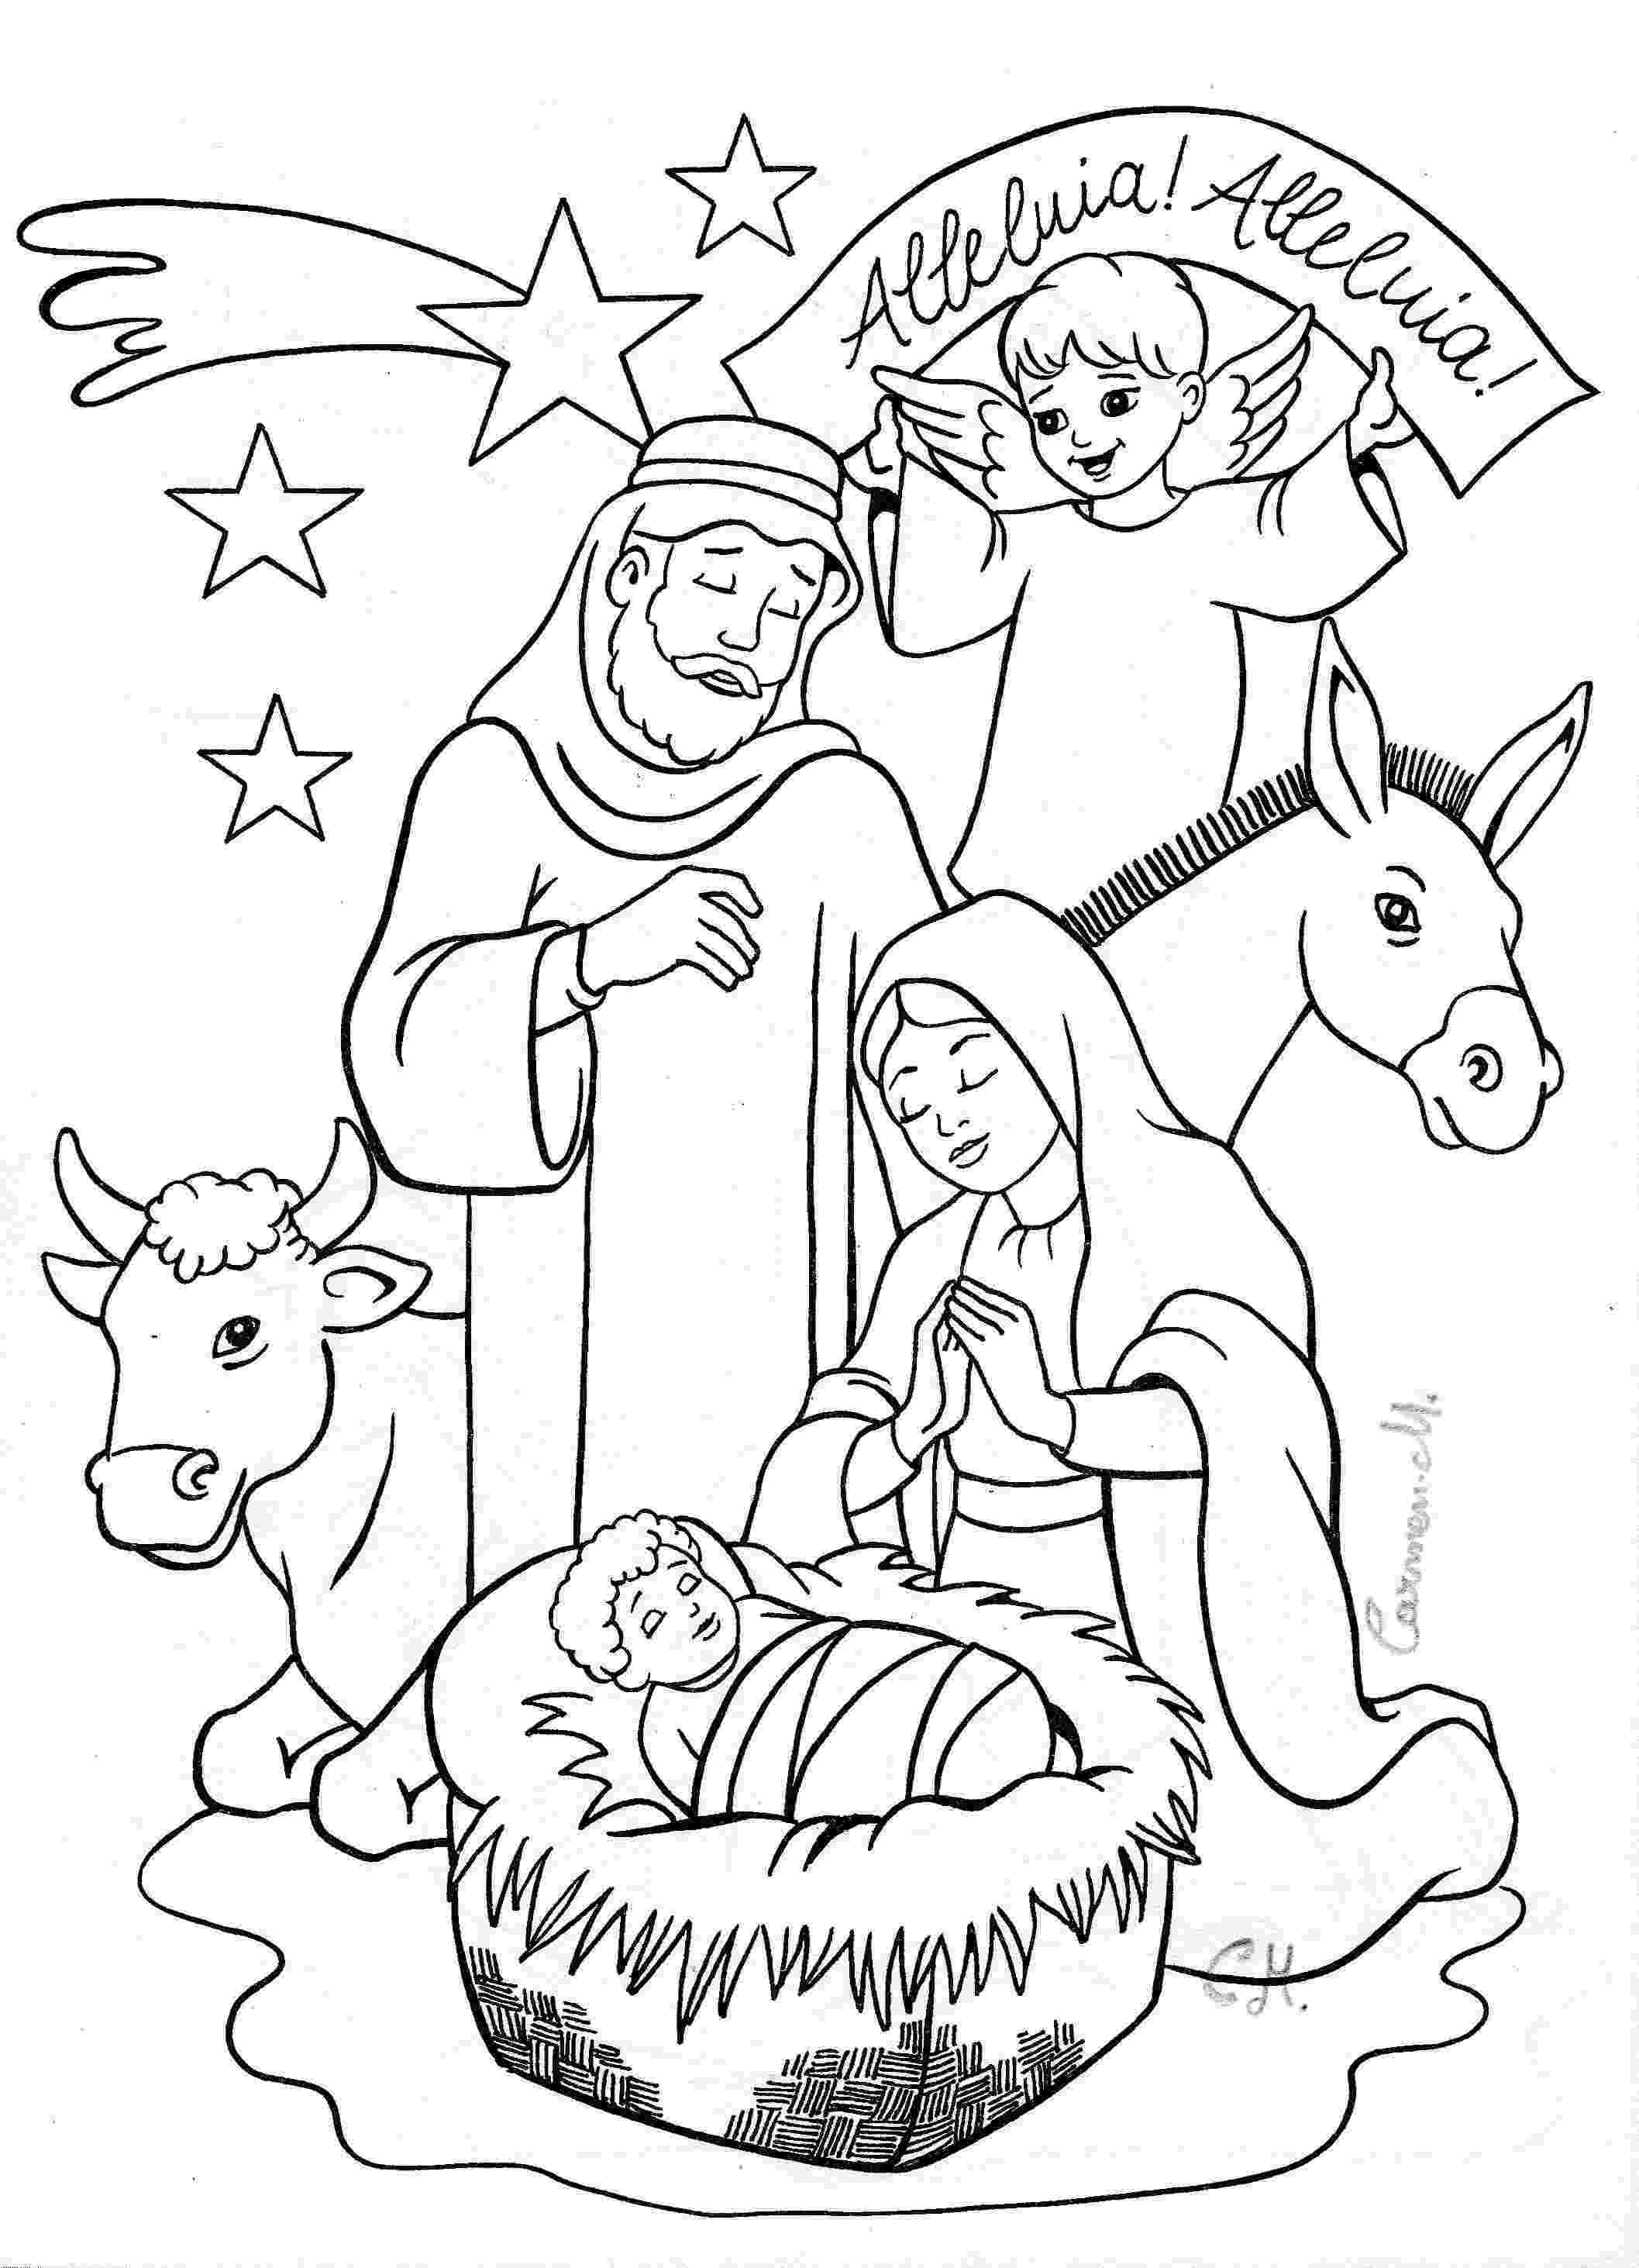 nativity coloring sheets printable nativity coloring page christmas coloring pages nativity coloring printable sheets